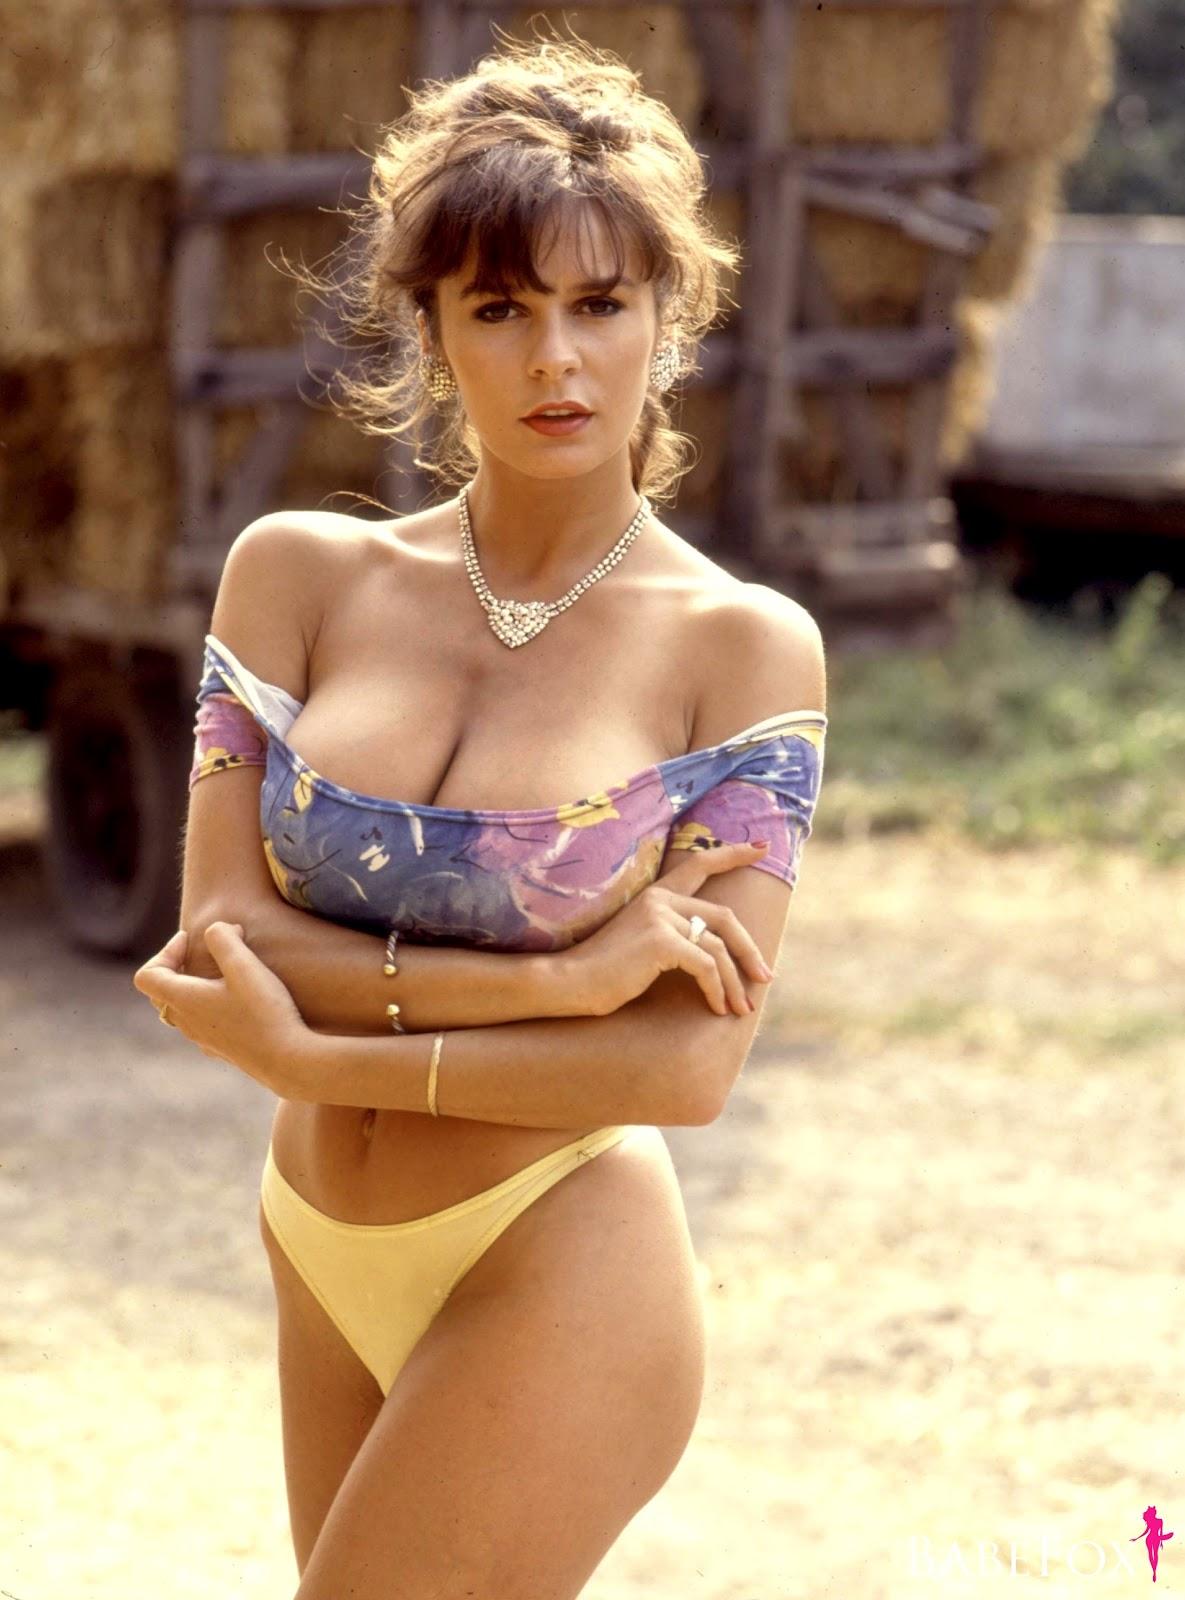 Donna nurphy nude